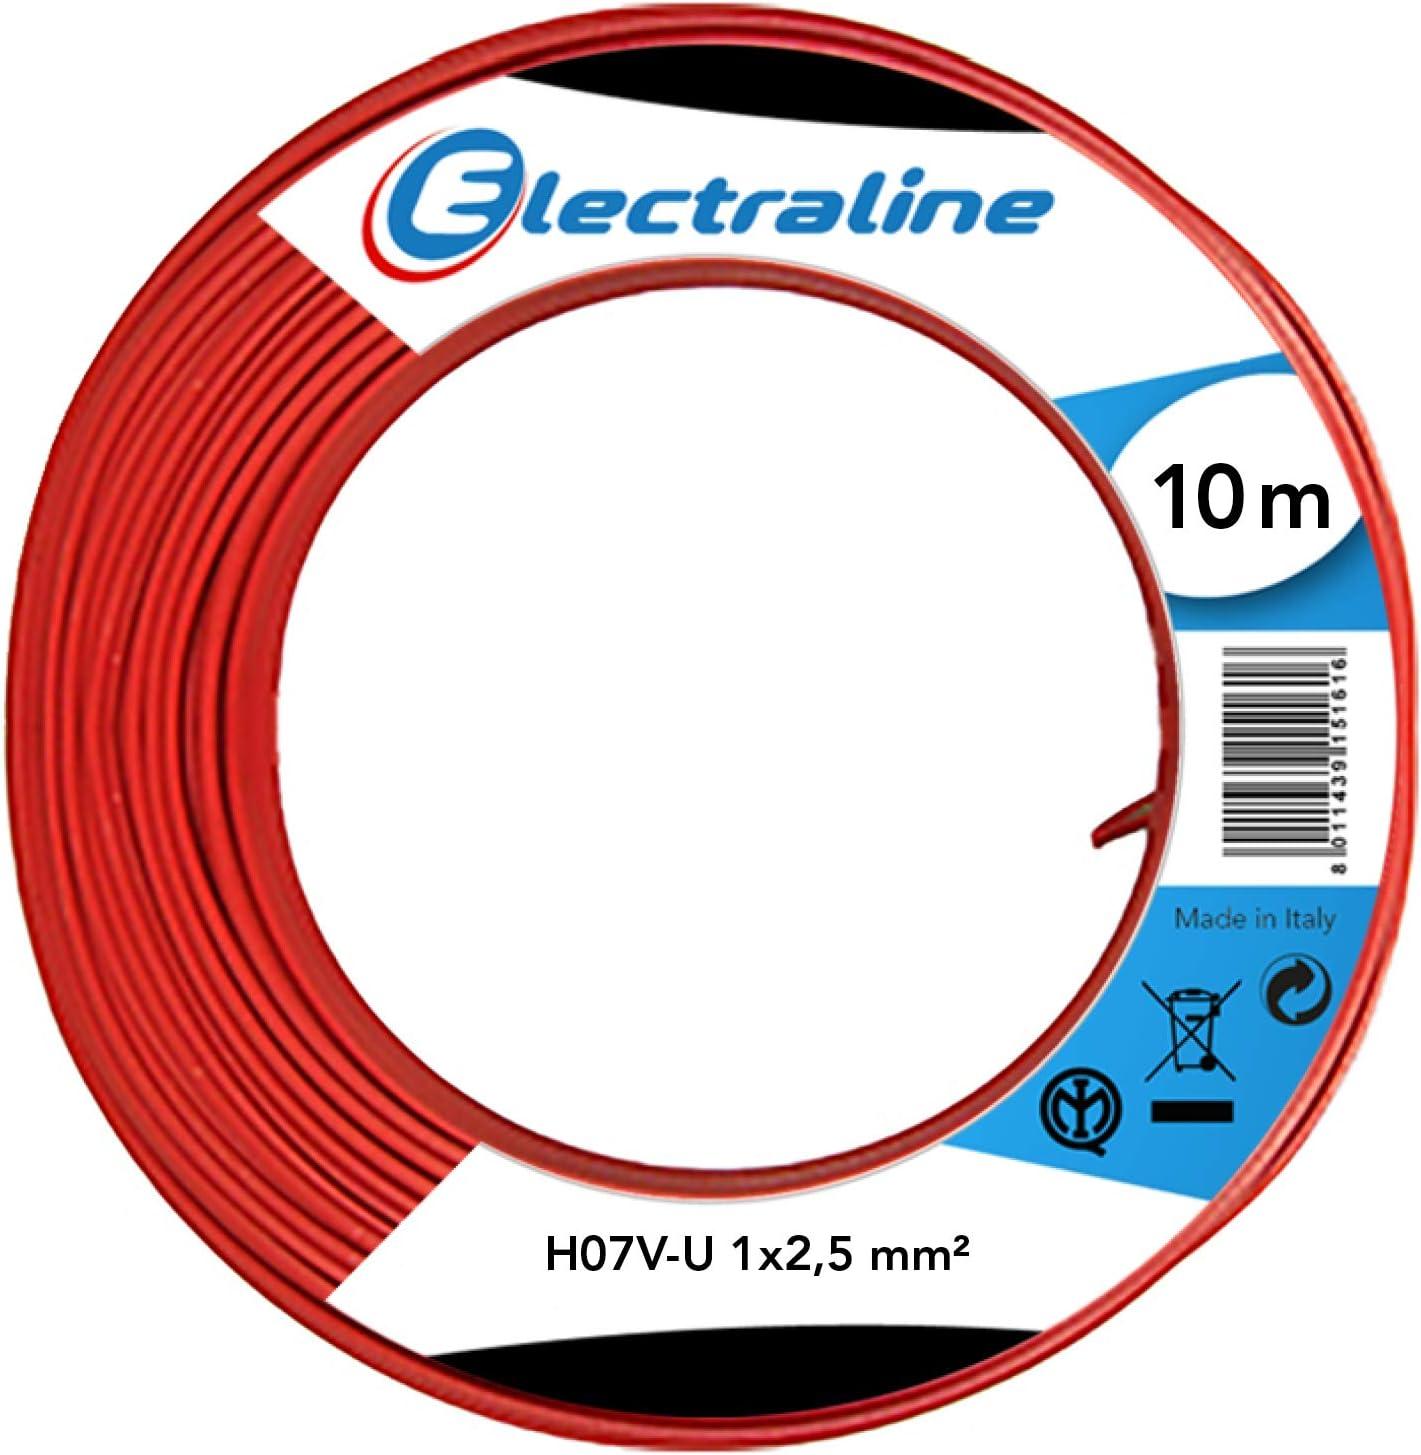 Rot L/änge 10 m Electraline 60101025A Kabel H07V-U Abschnitt 1x2,5 mm/²